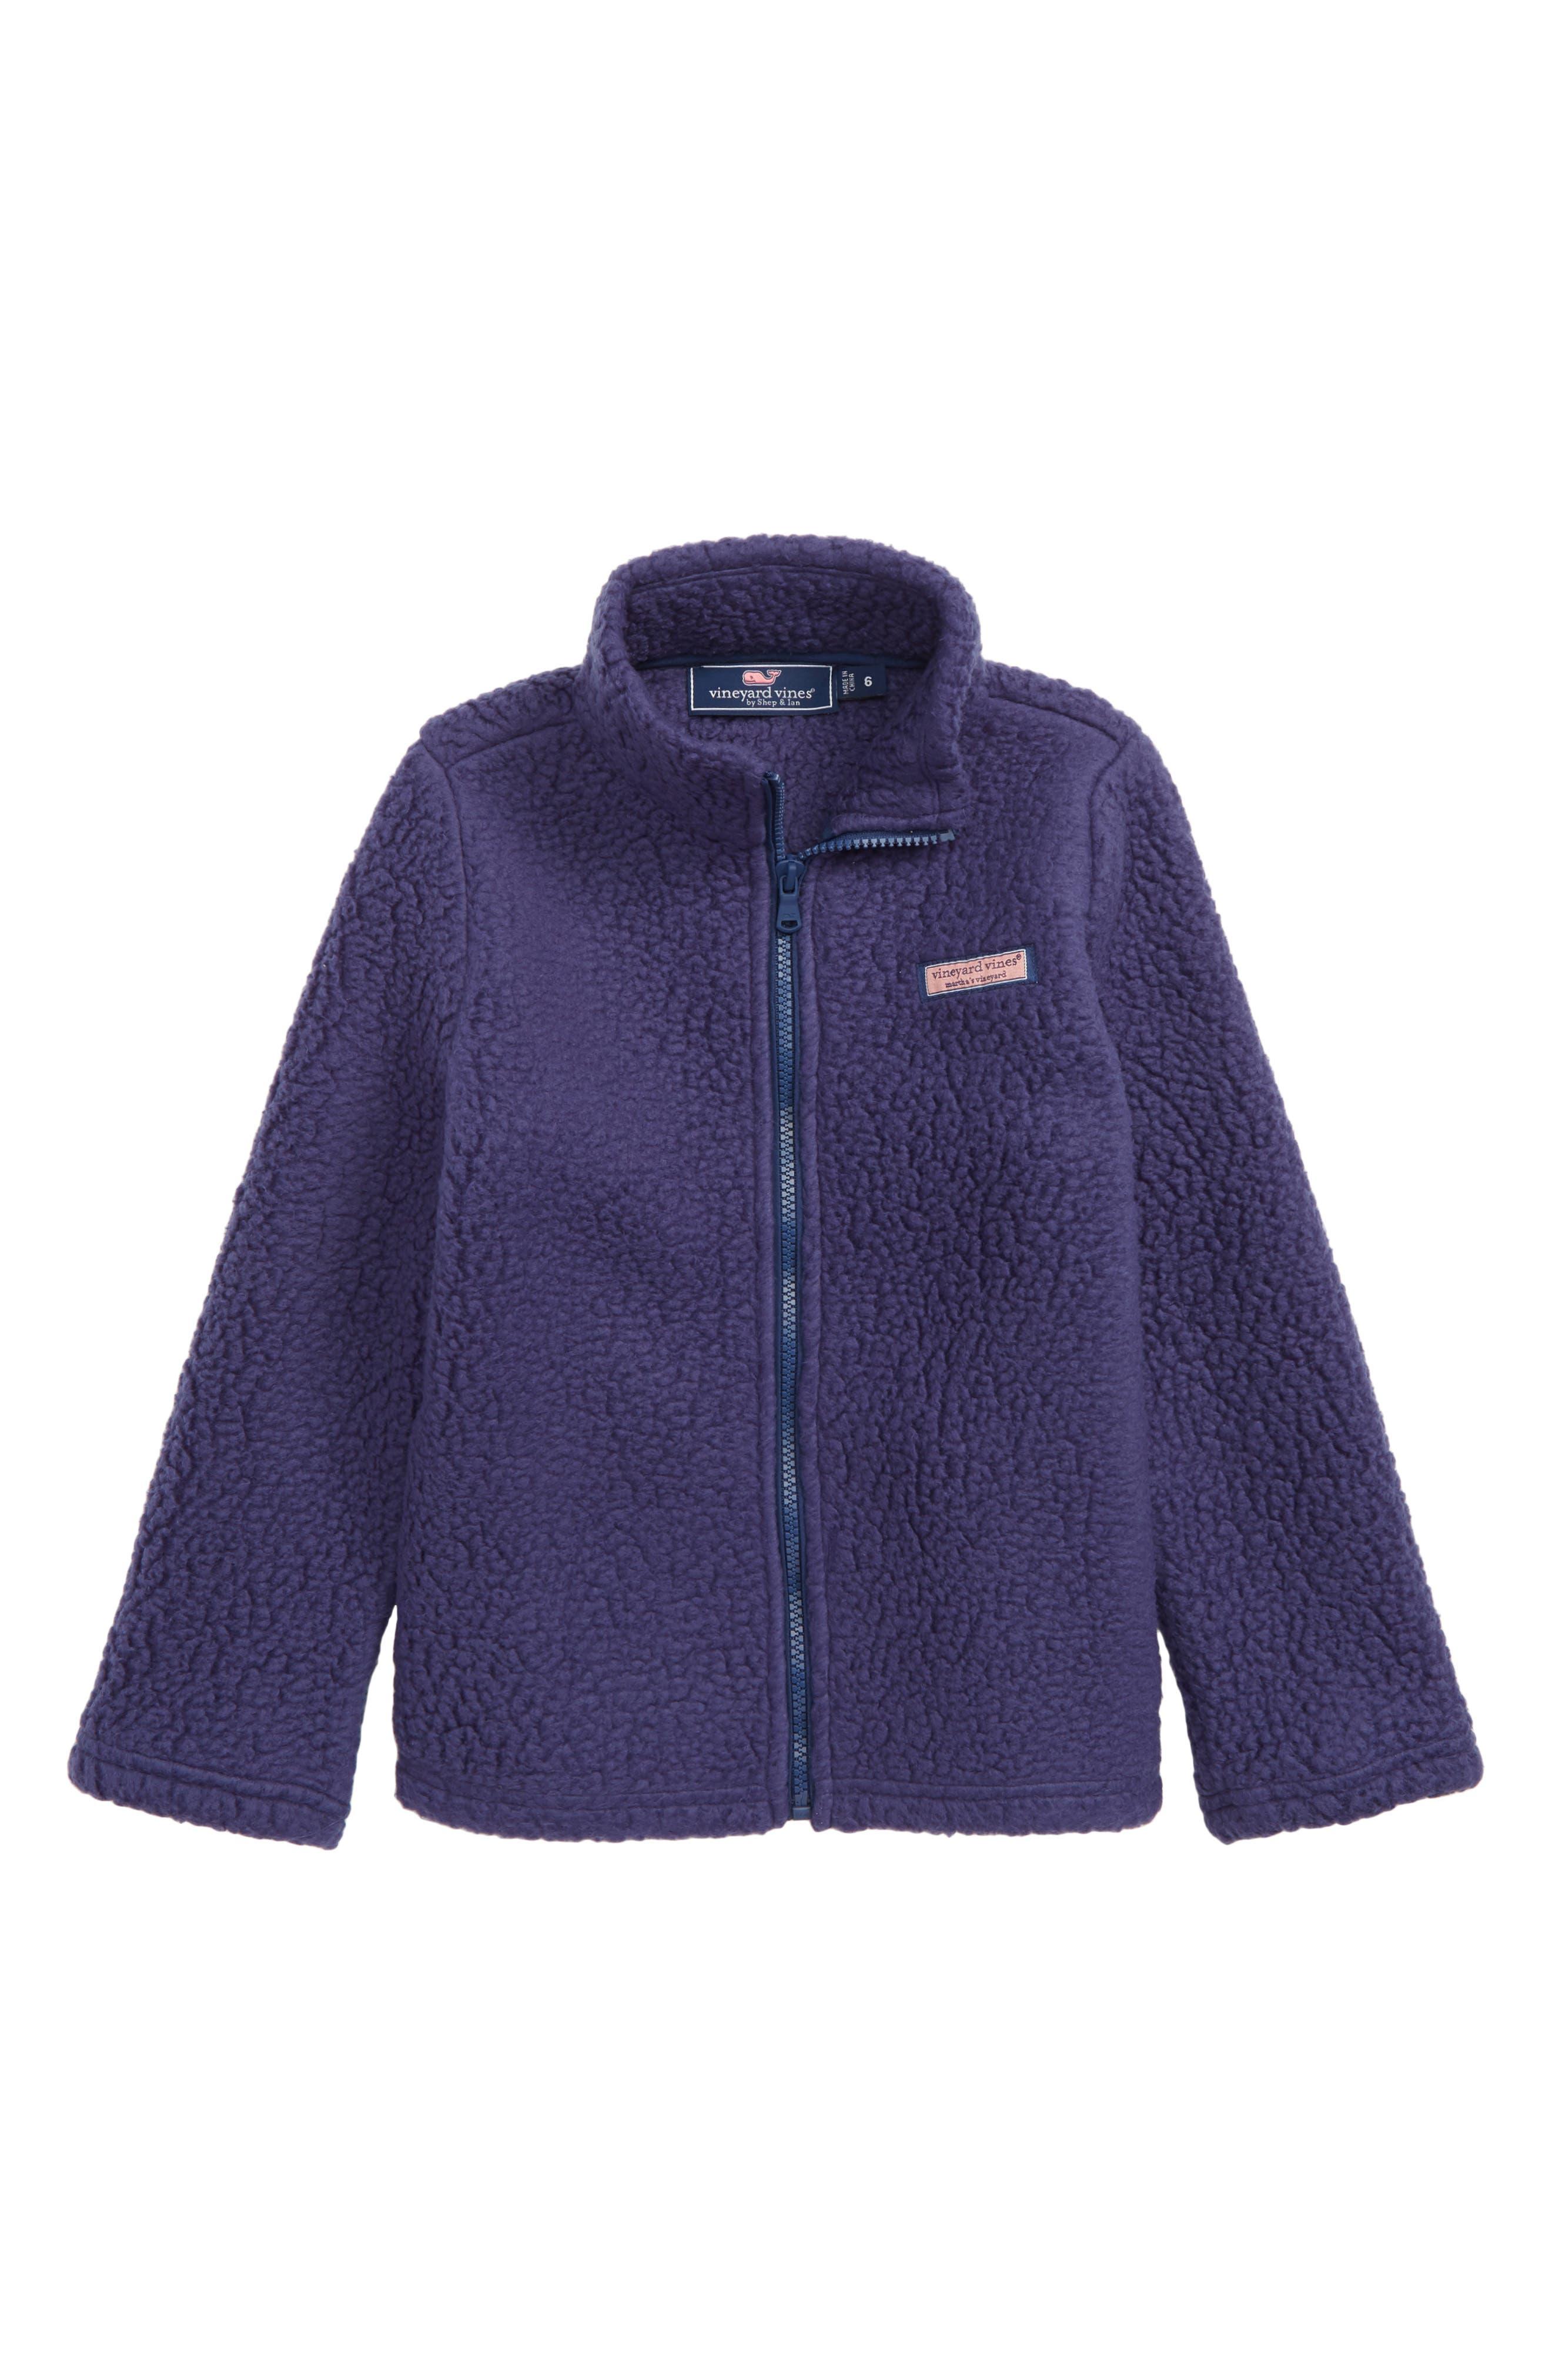 Heritage Fleece Sweatshirt,                             Main thumbnail 1, color,                             MOONSHINE